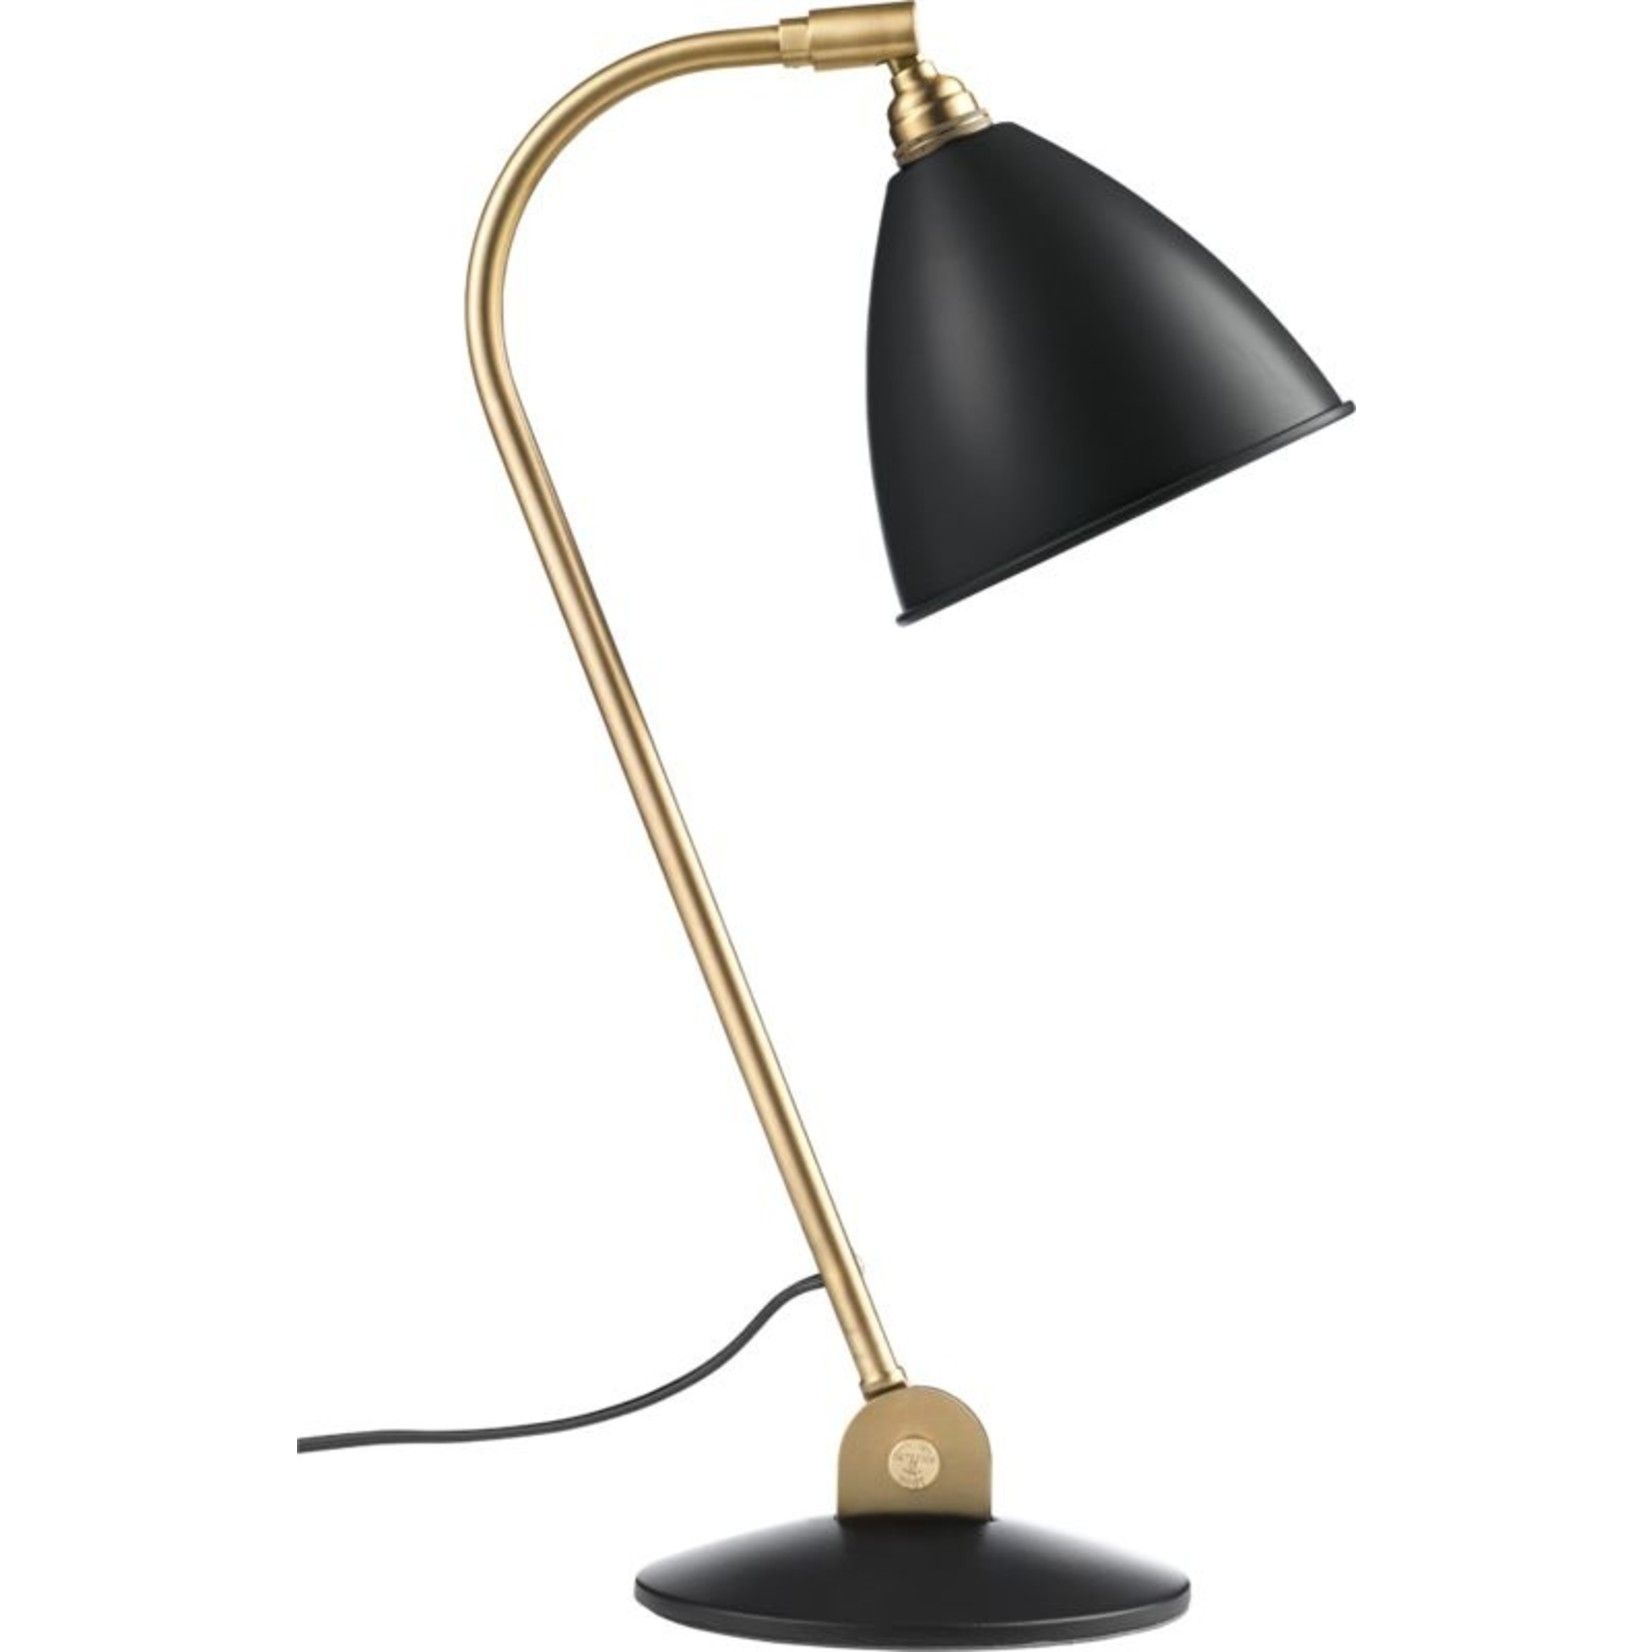 Gubi Lampe de table BL2 - Ø16 | Base en laiton et abat-jour semi-mat noir doux